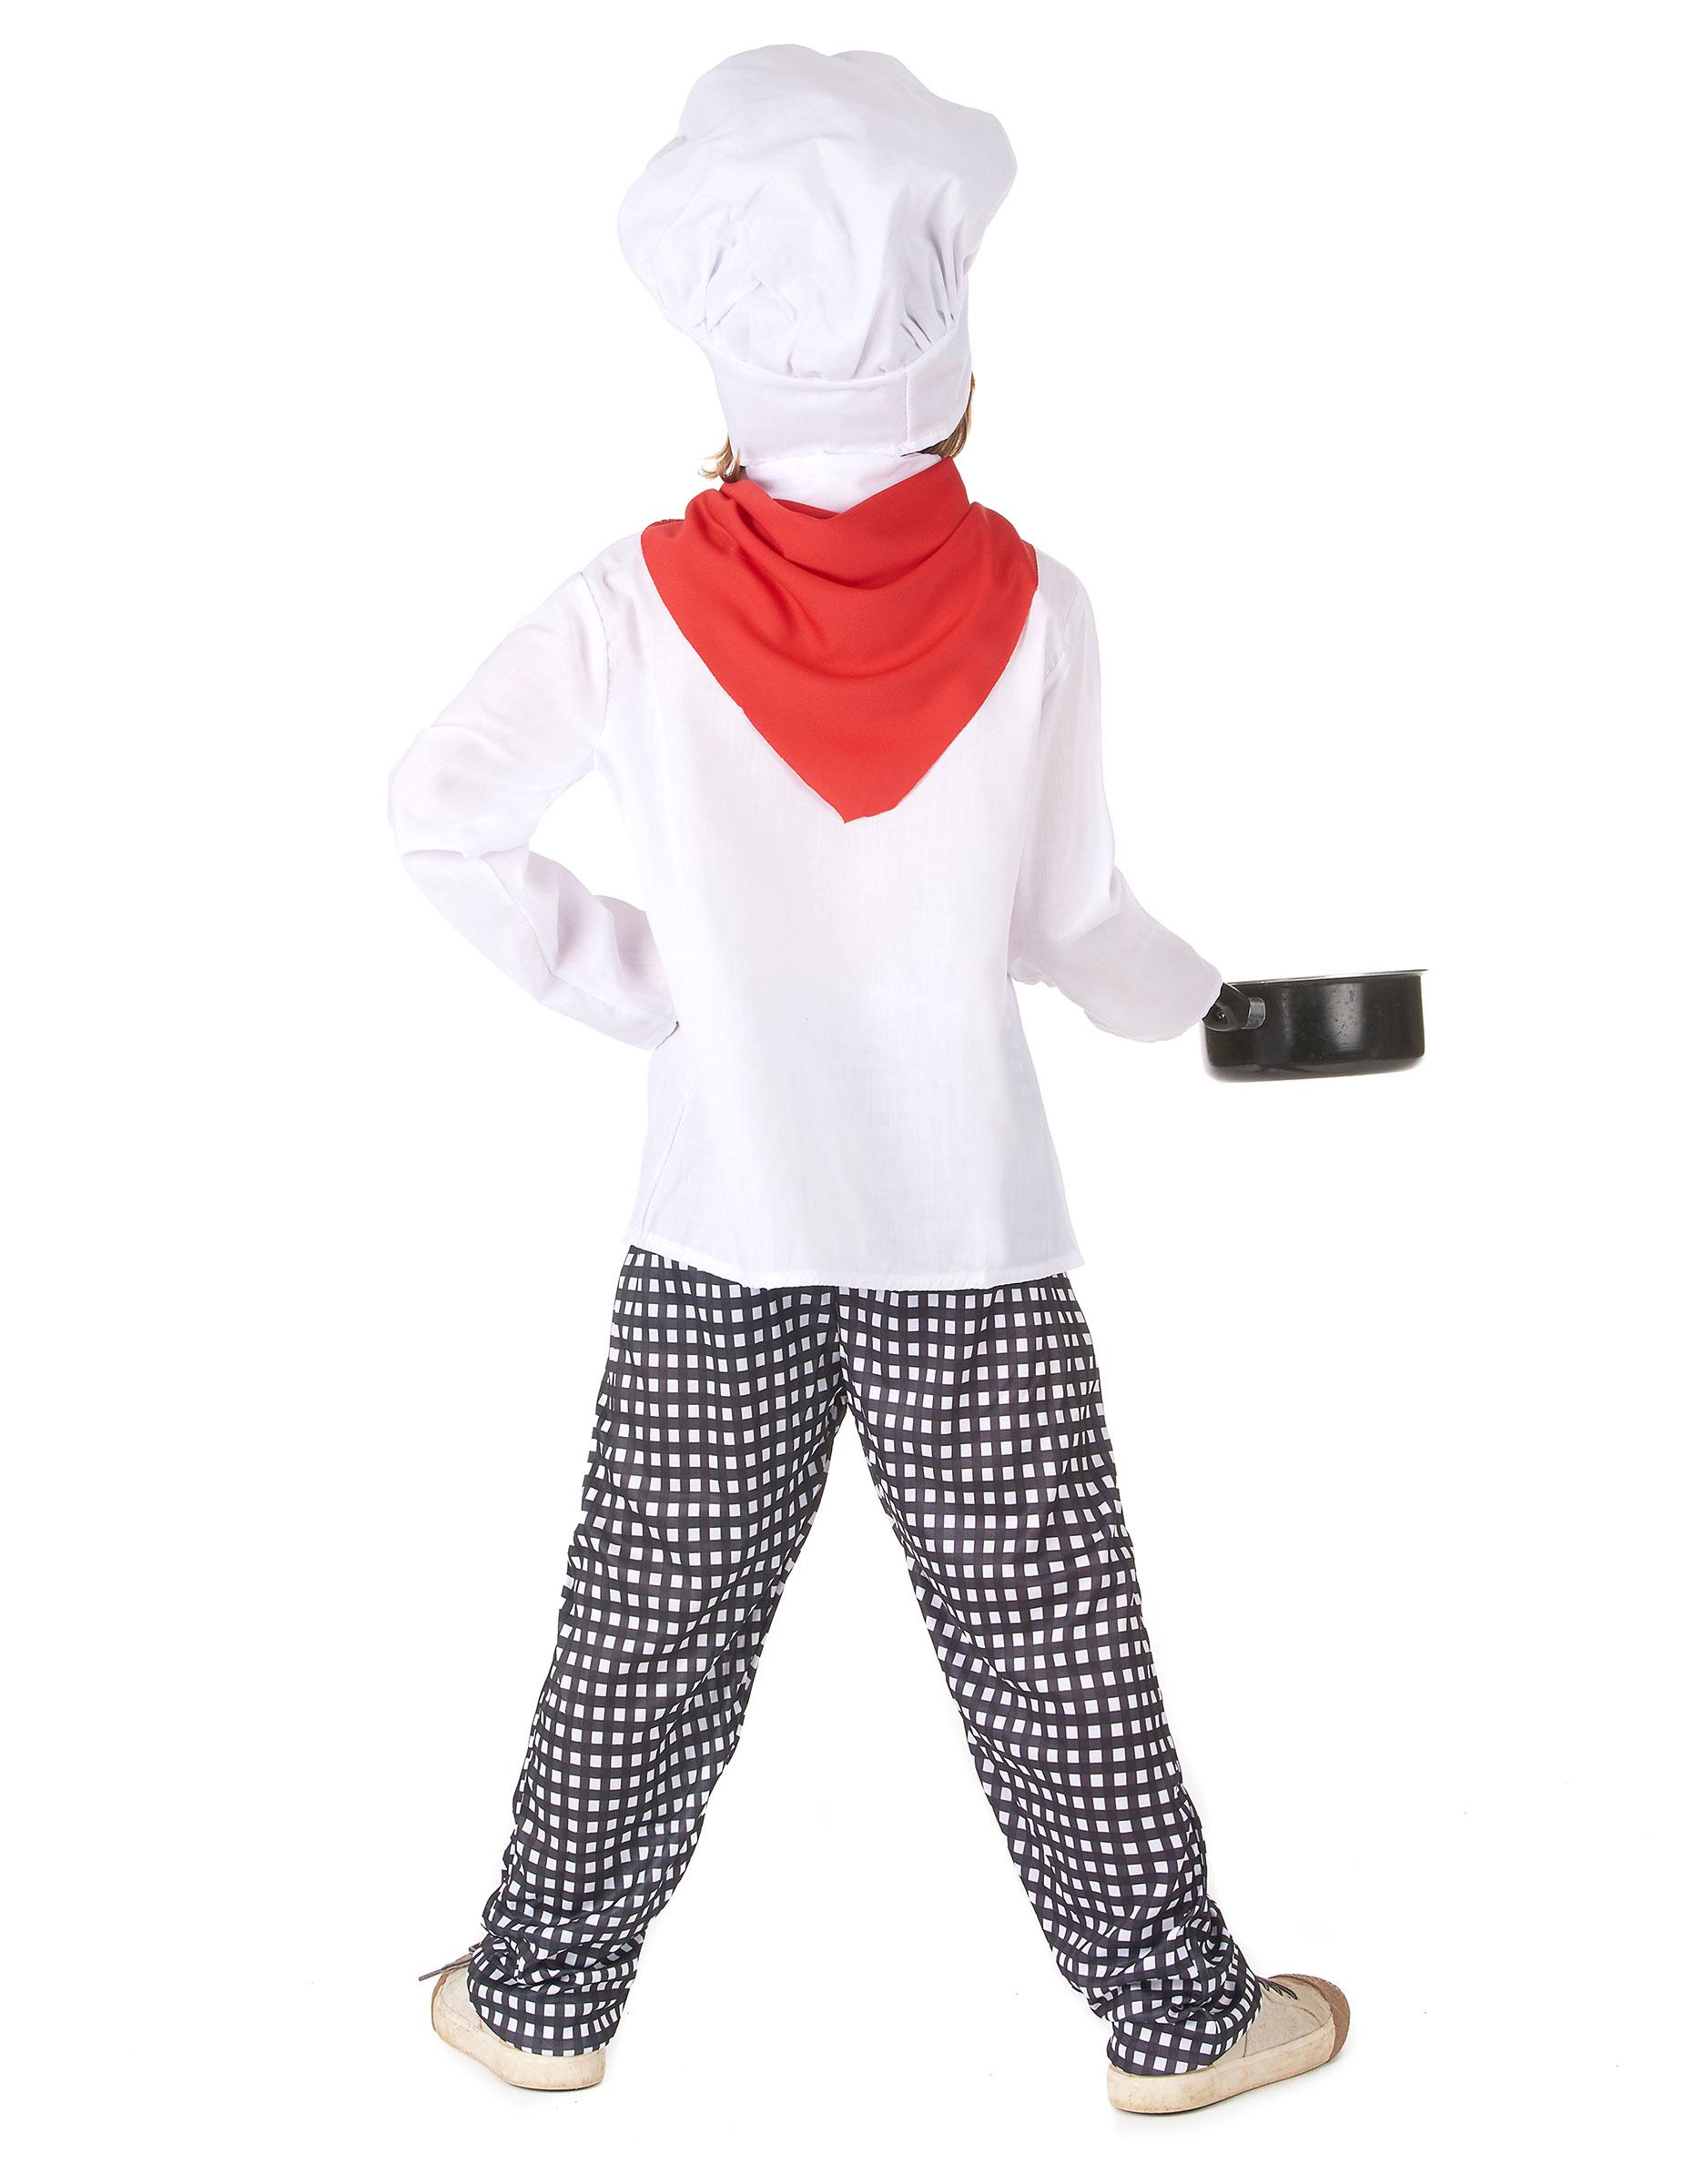 Vestito da chef di cucina per bambino ef52874e4156